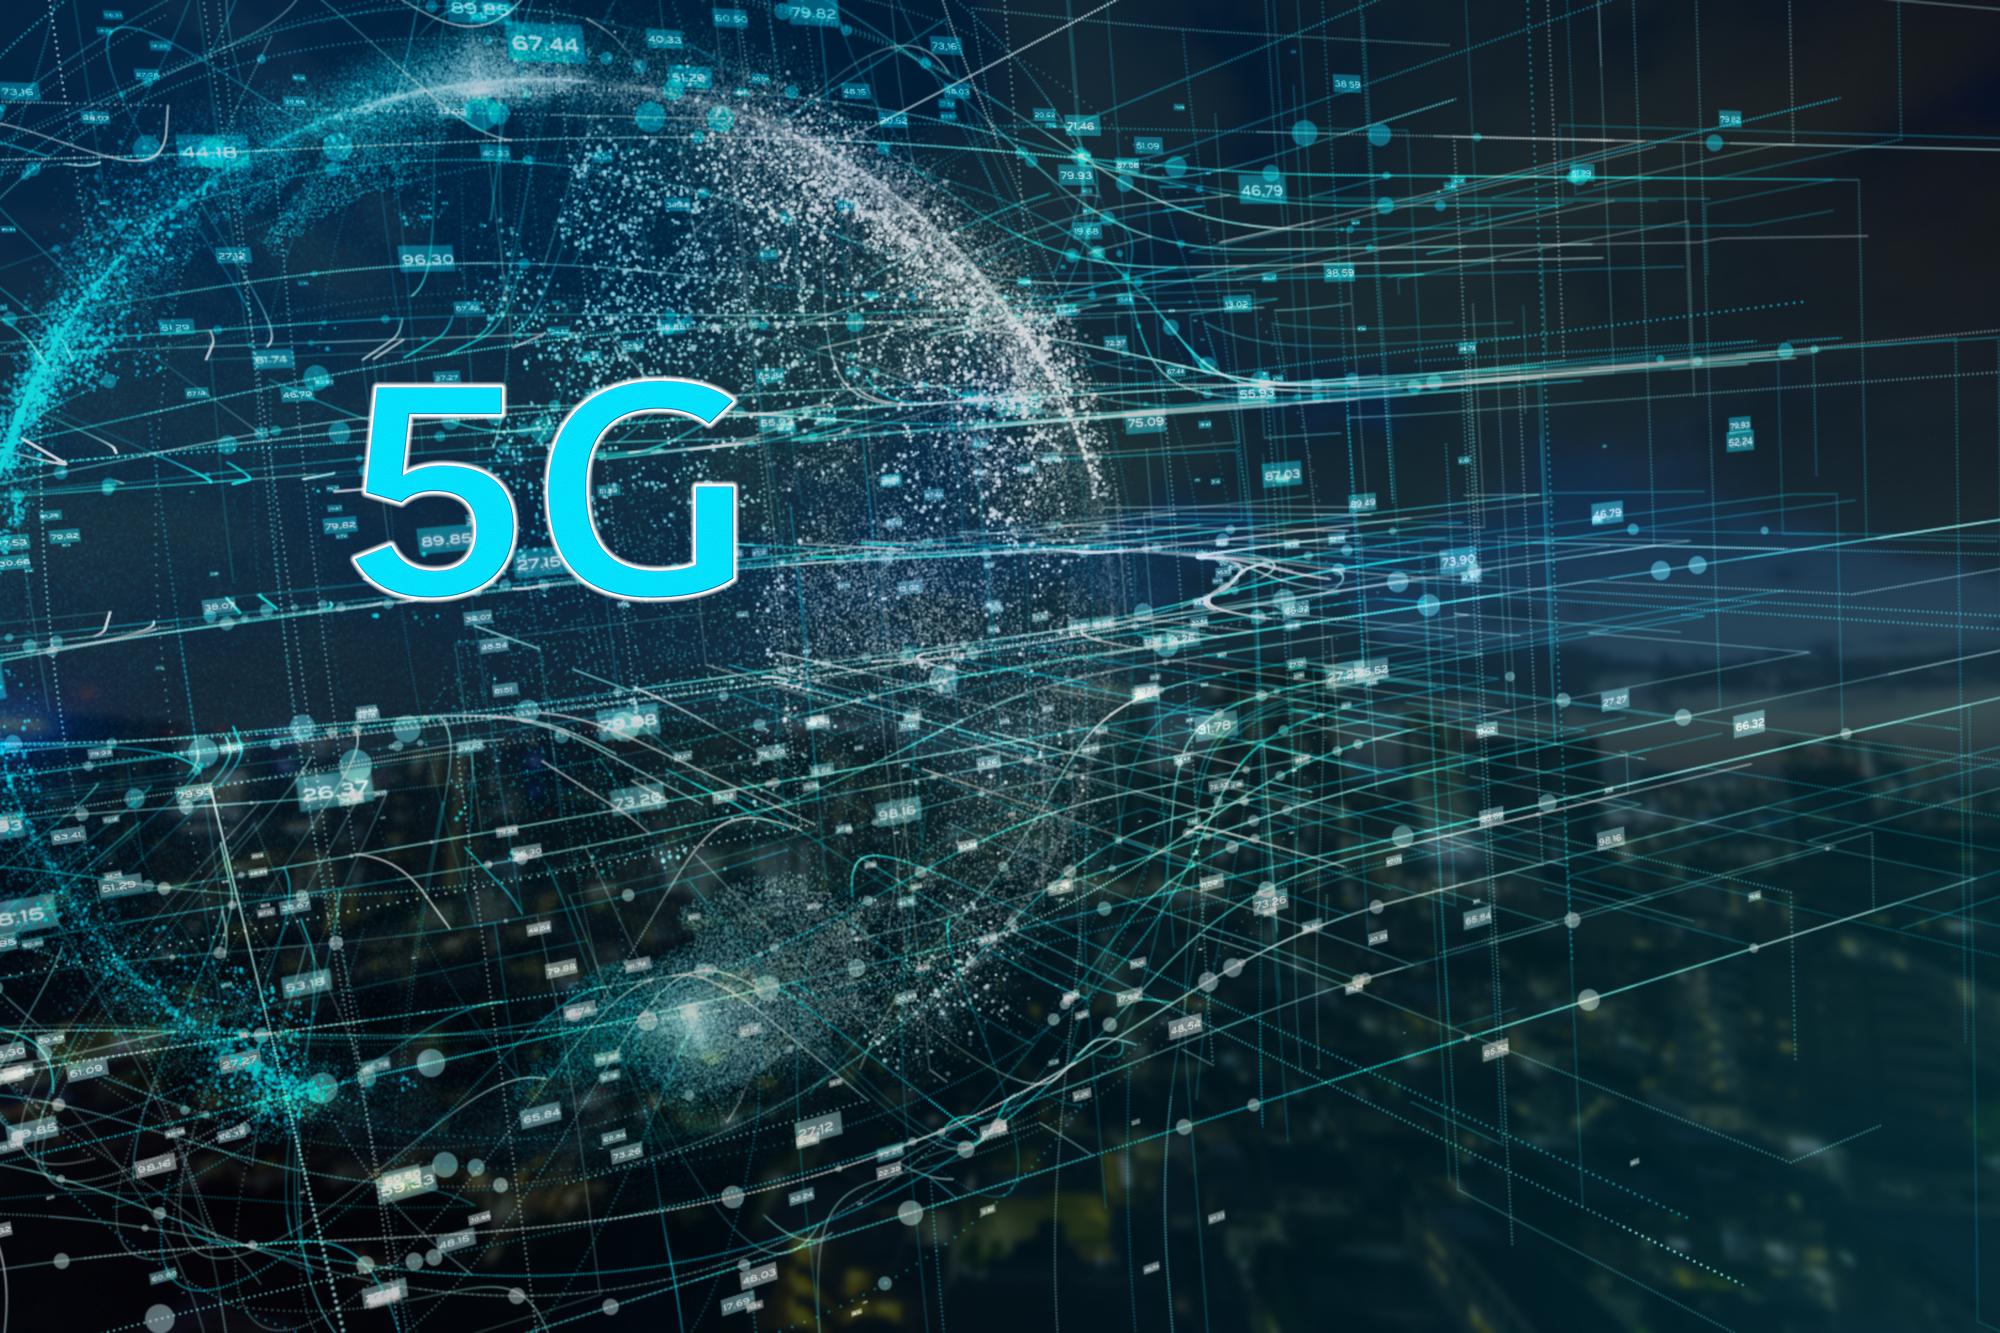 5Gのイメージ